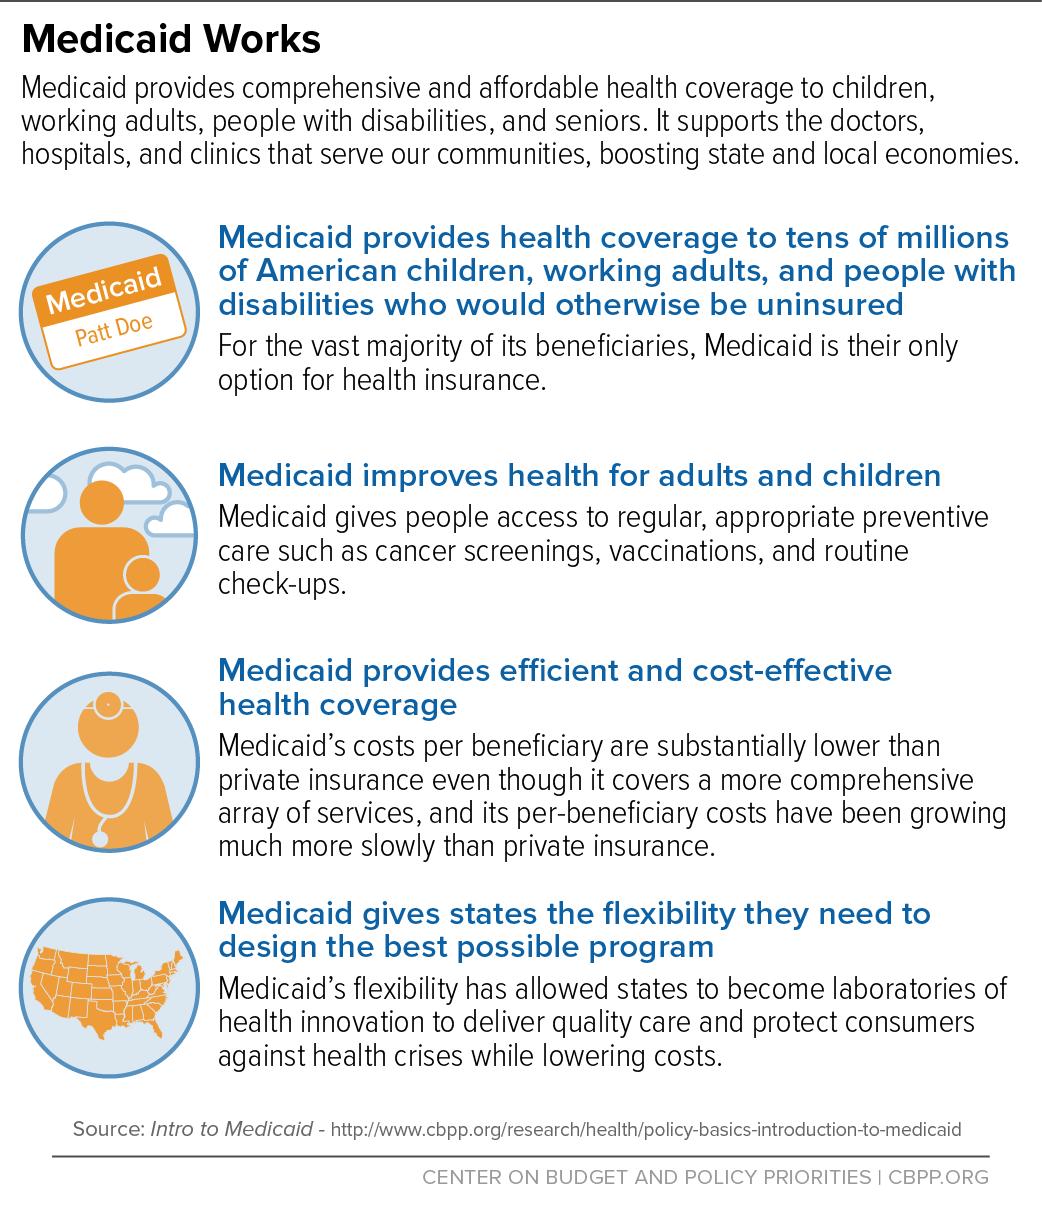 Medicaid Works